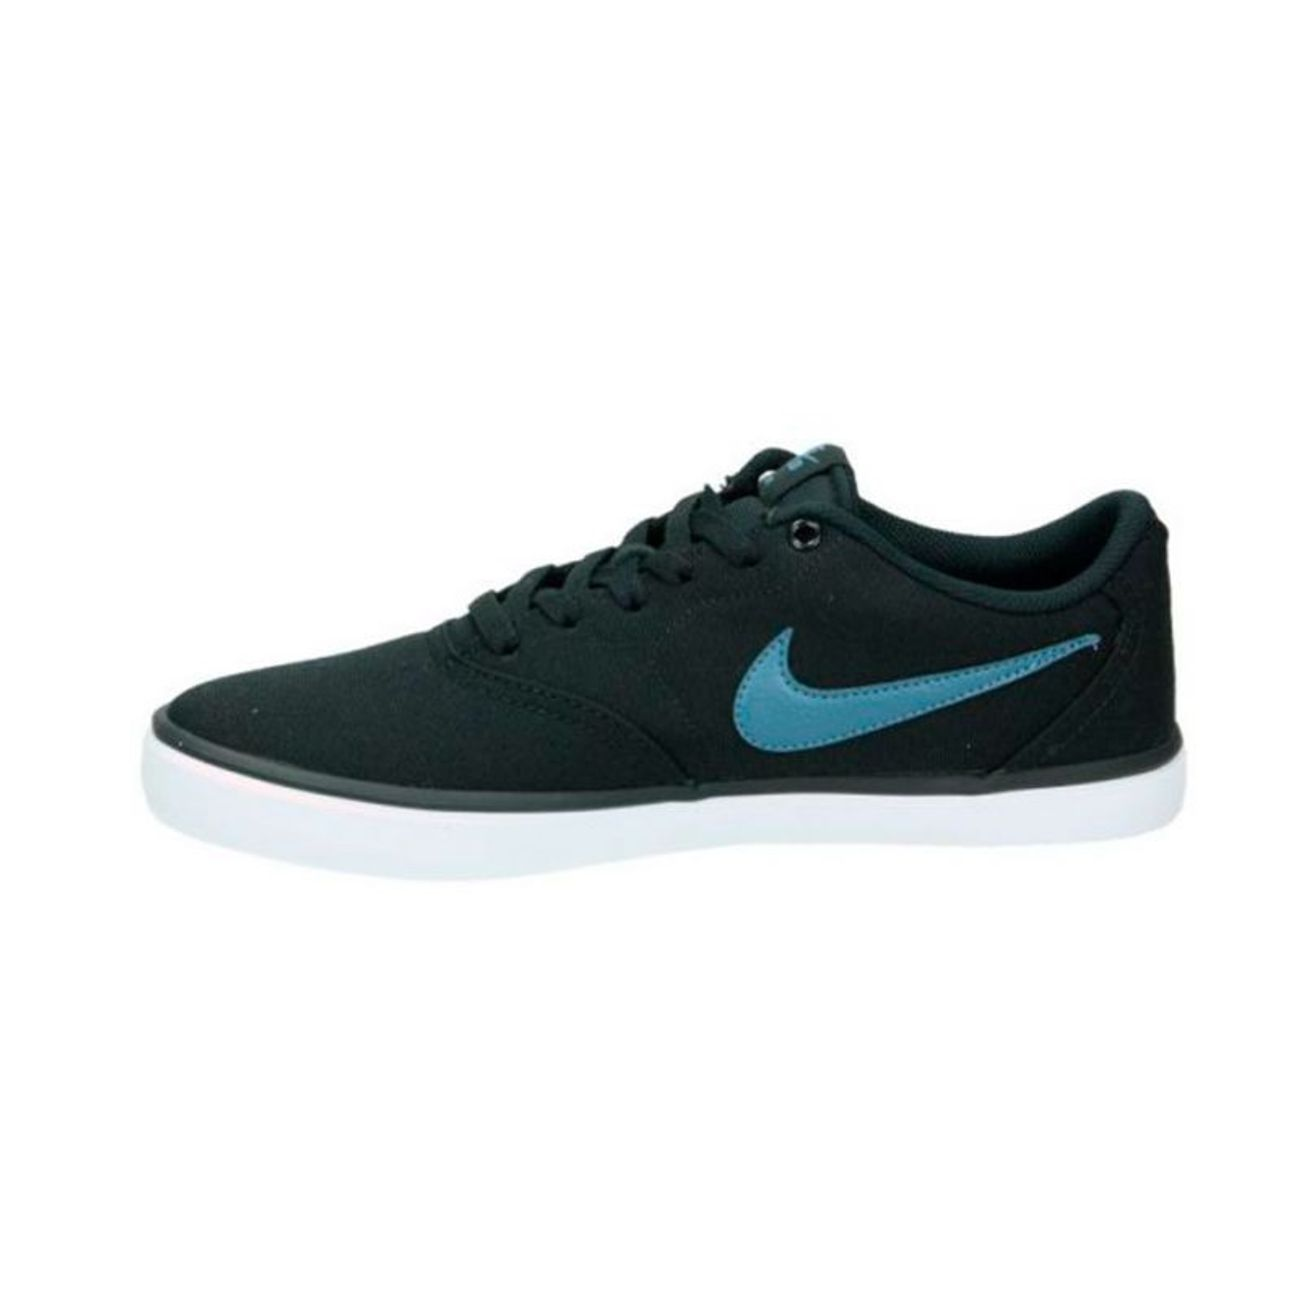 Bleu Canvas Noir Nike Check Ni843896 Padel Sb Solar Adulte 017 dCxoerBW